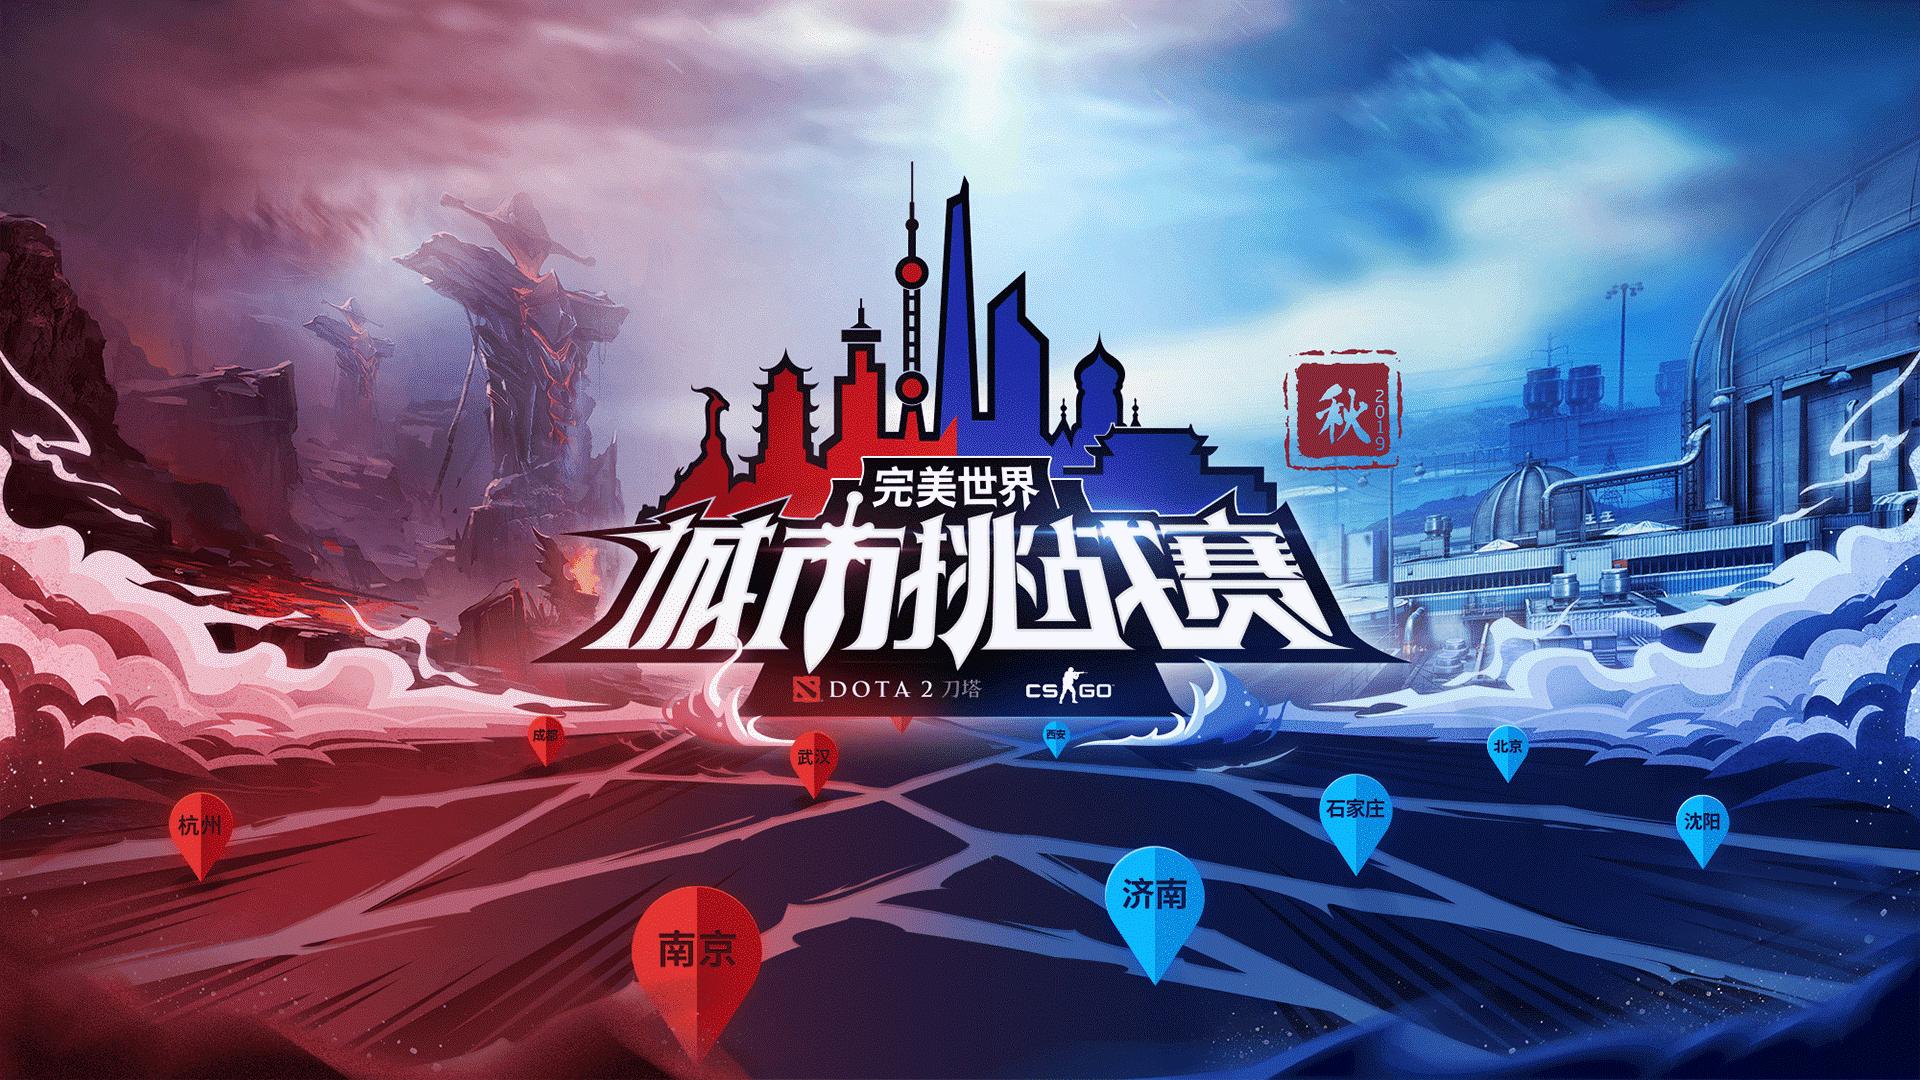 城市挑战赛(秋季赛)DOTA2本周六首周合肥、天津、南京开战